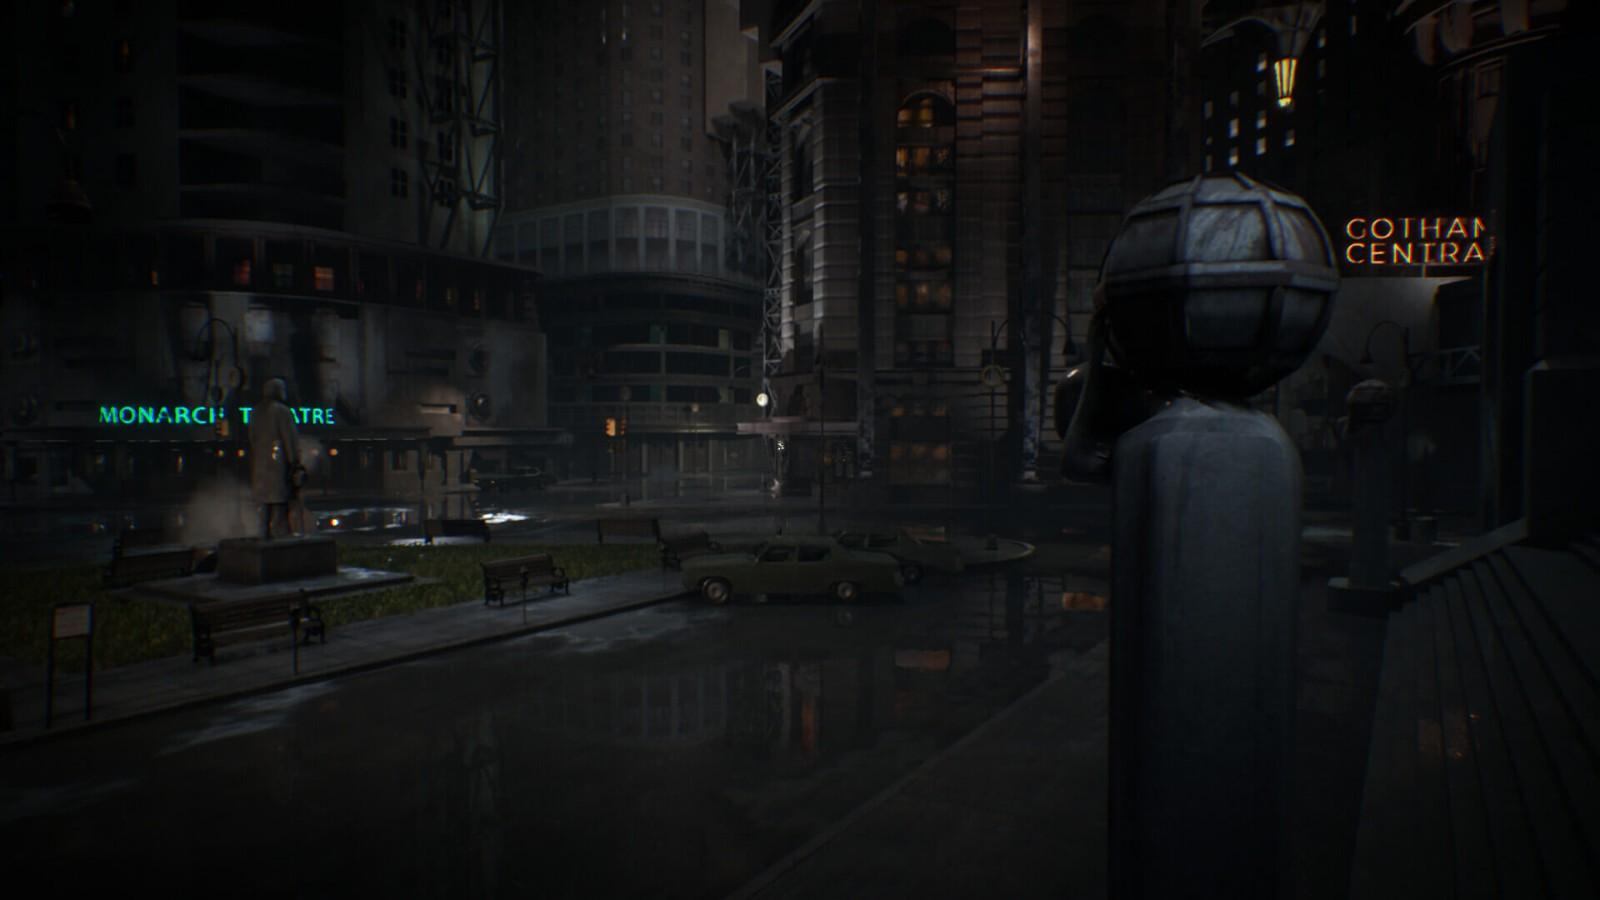 虚幻引擎自制《蝙蝠侠1989》游戏 场景忠于电影版